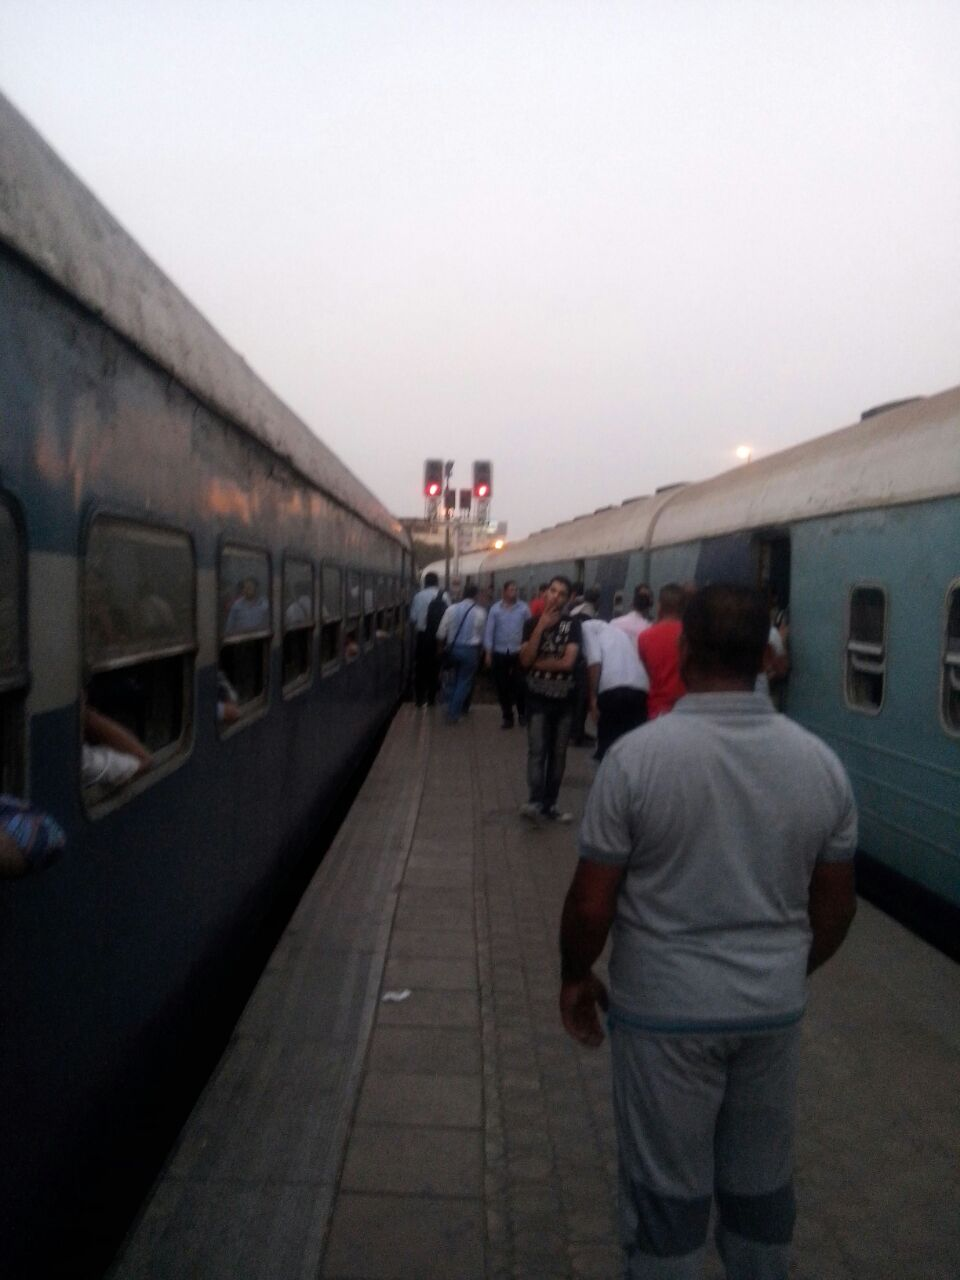 ركاب قطار بيلا على القضبان: تعبنا من التأخير يوميًا (صور)